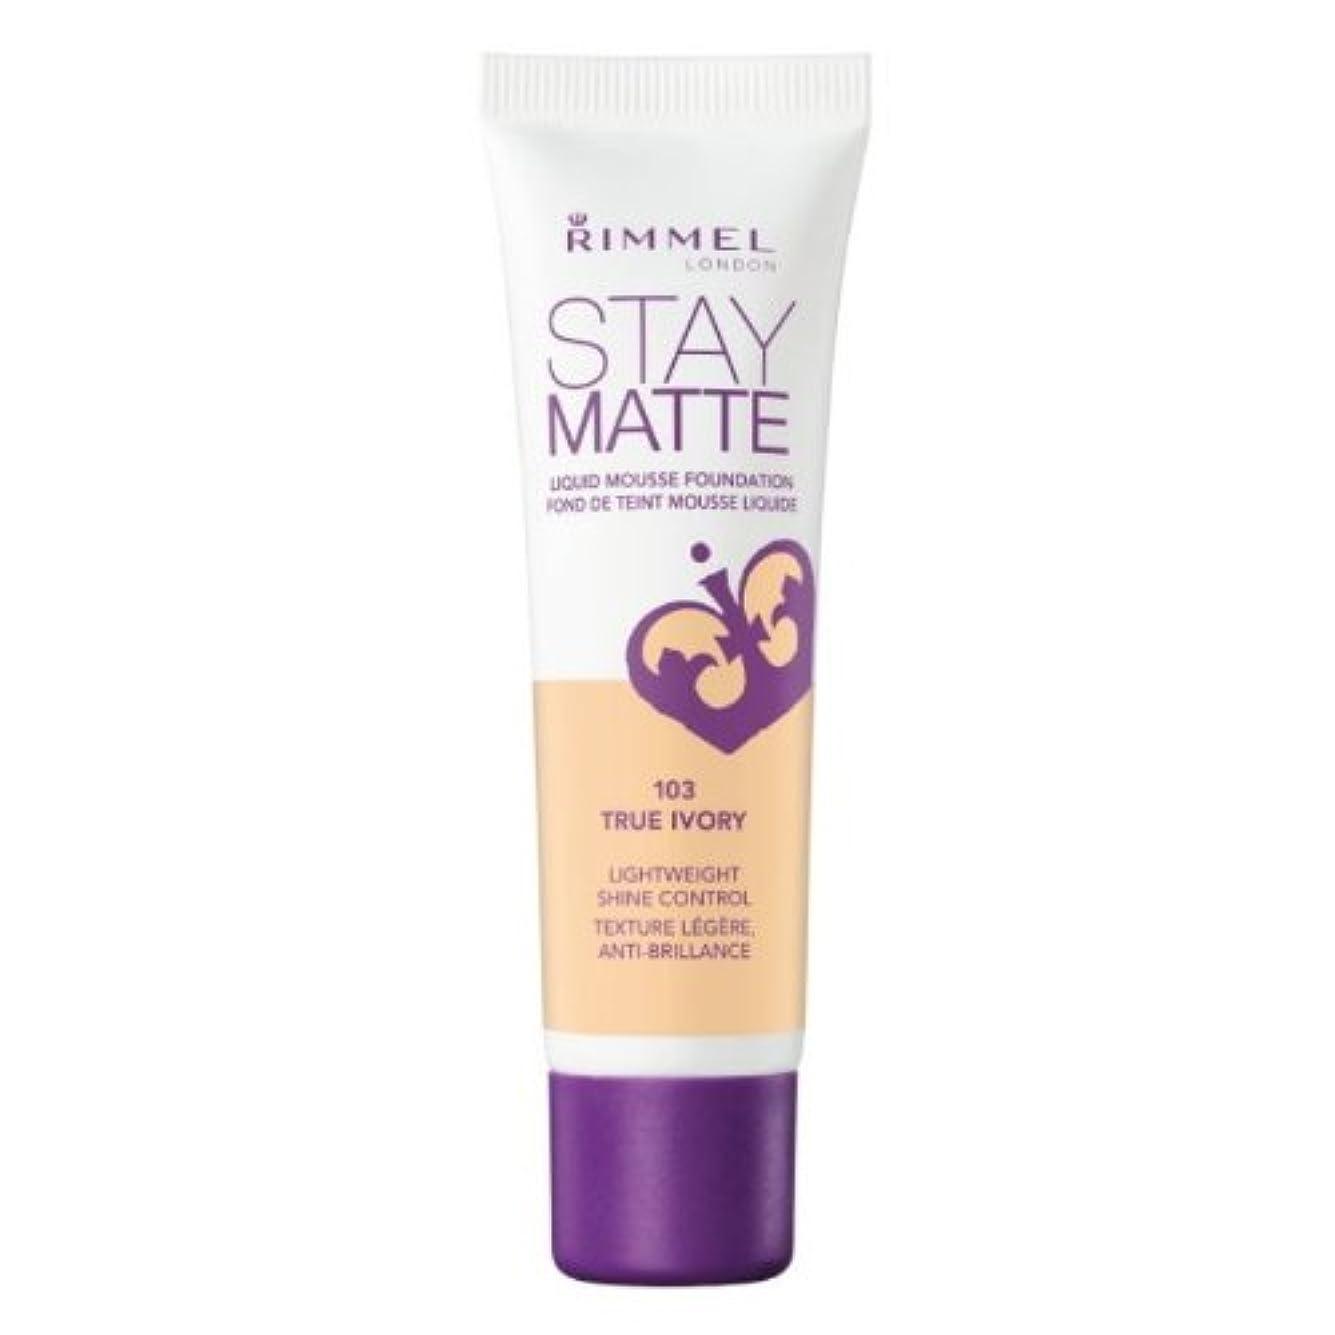 一般化するスカリー要塞RIMMEL LONDON Stay Matte Liquid Mousse Foundation - True Ivory (並行輸入品)